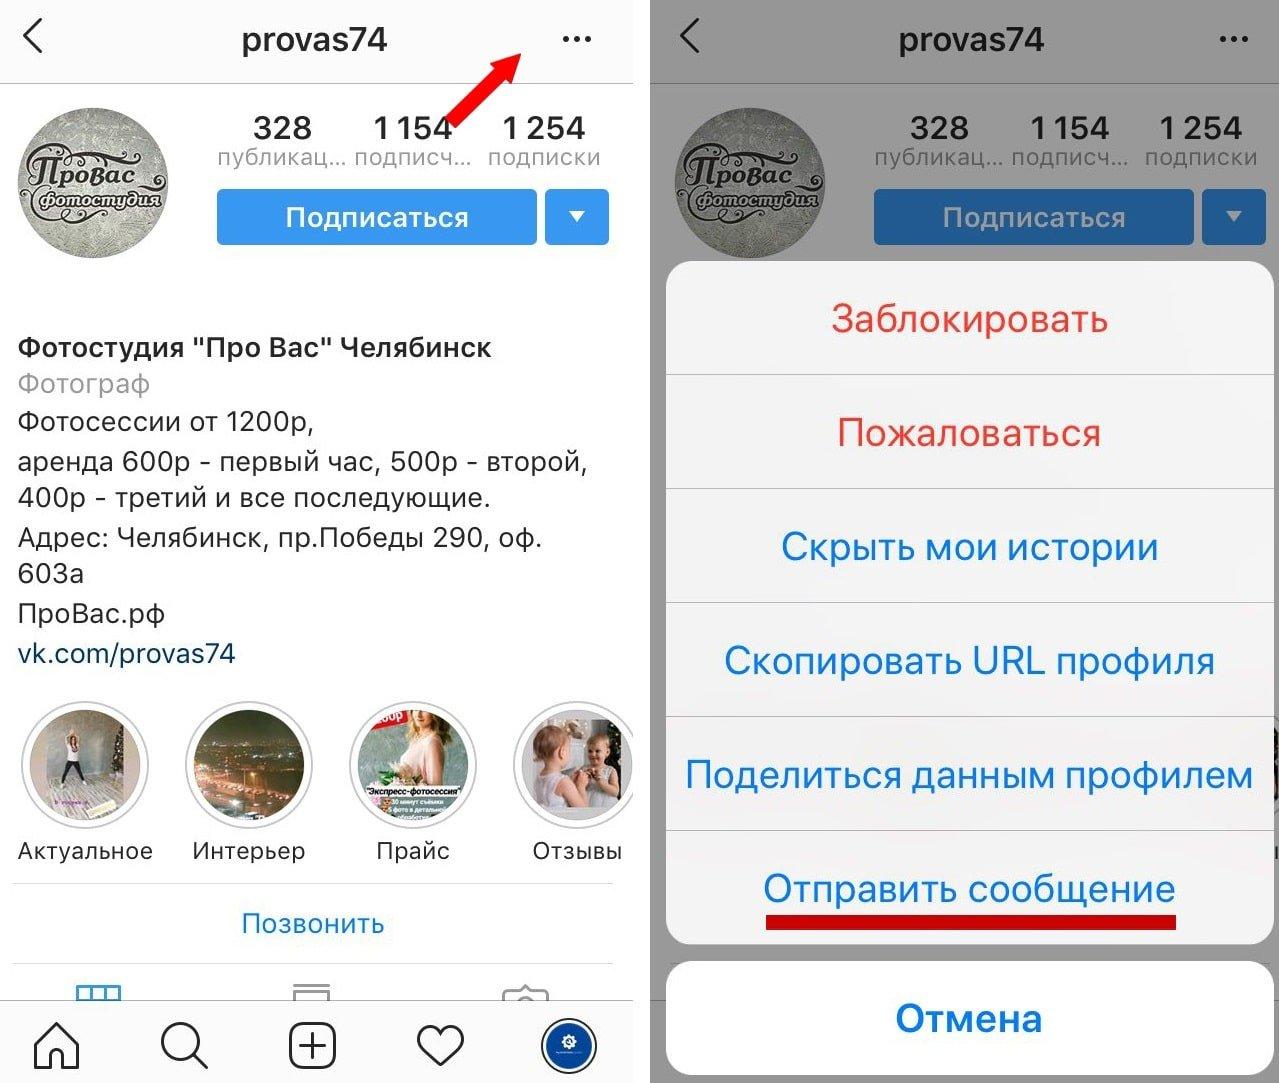 instrukciya po rabote s direktom v instagrame